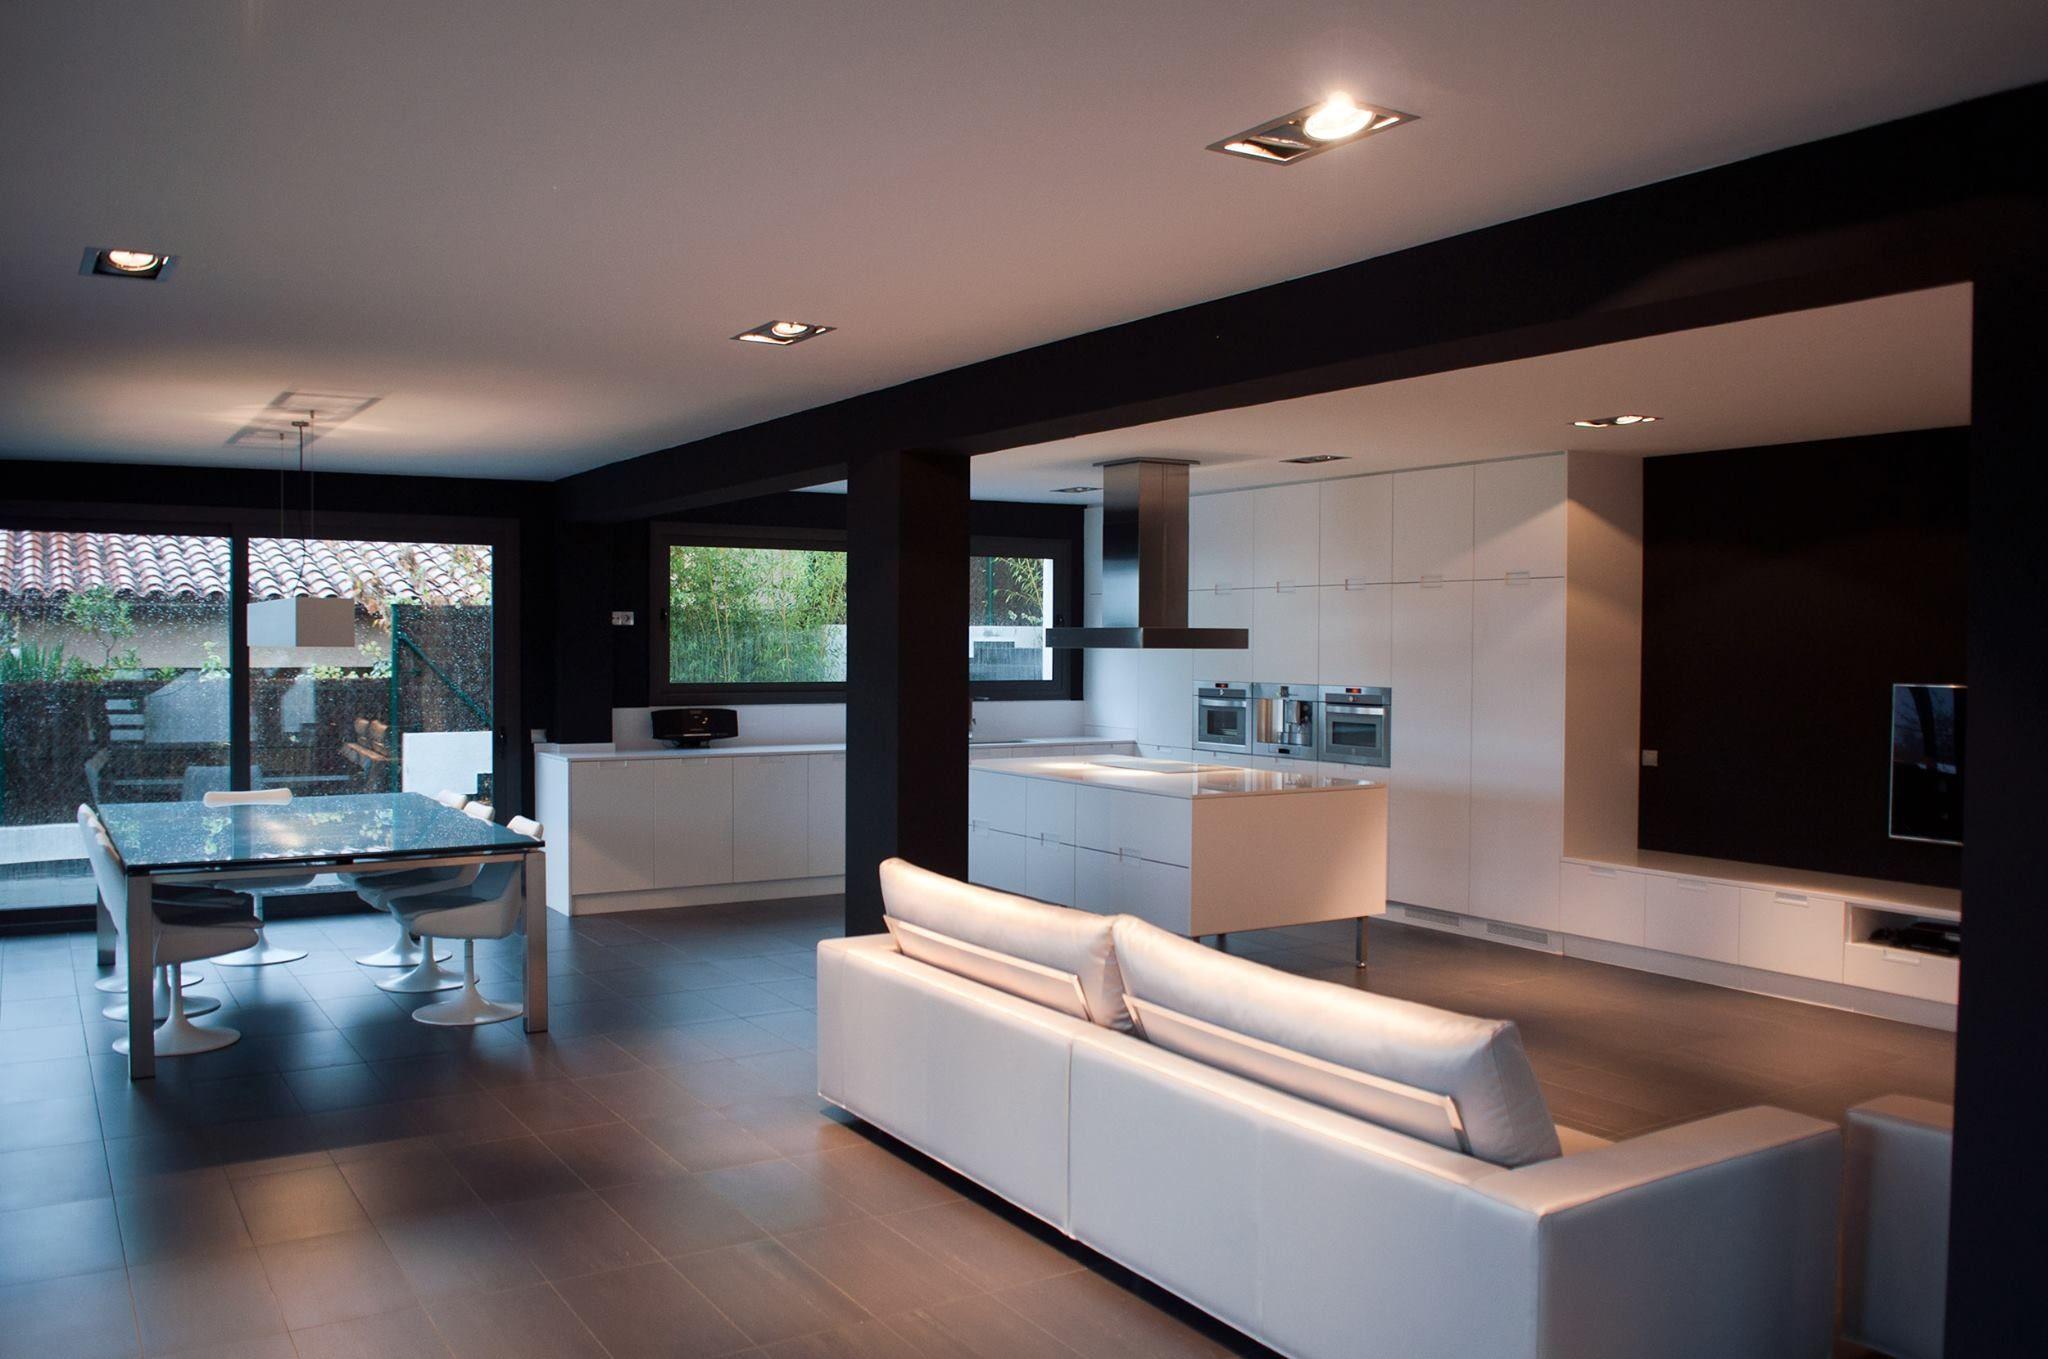 Salón/comedor con cocina abierta. | SALA-COMEDOR | Pinterest ...